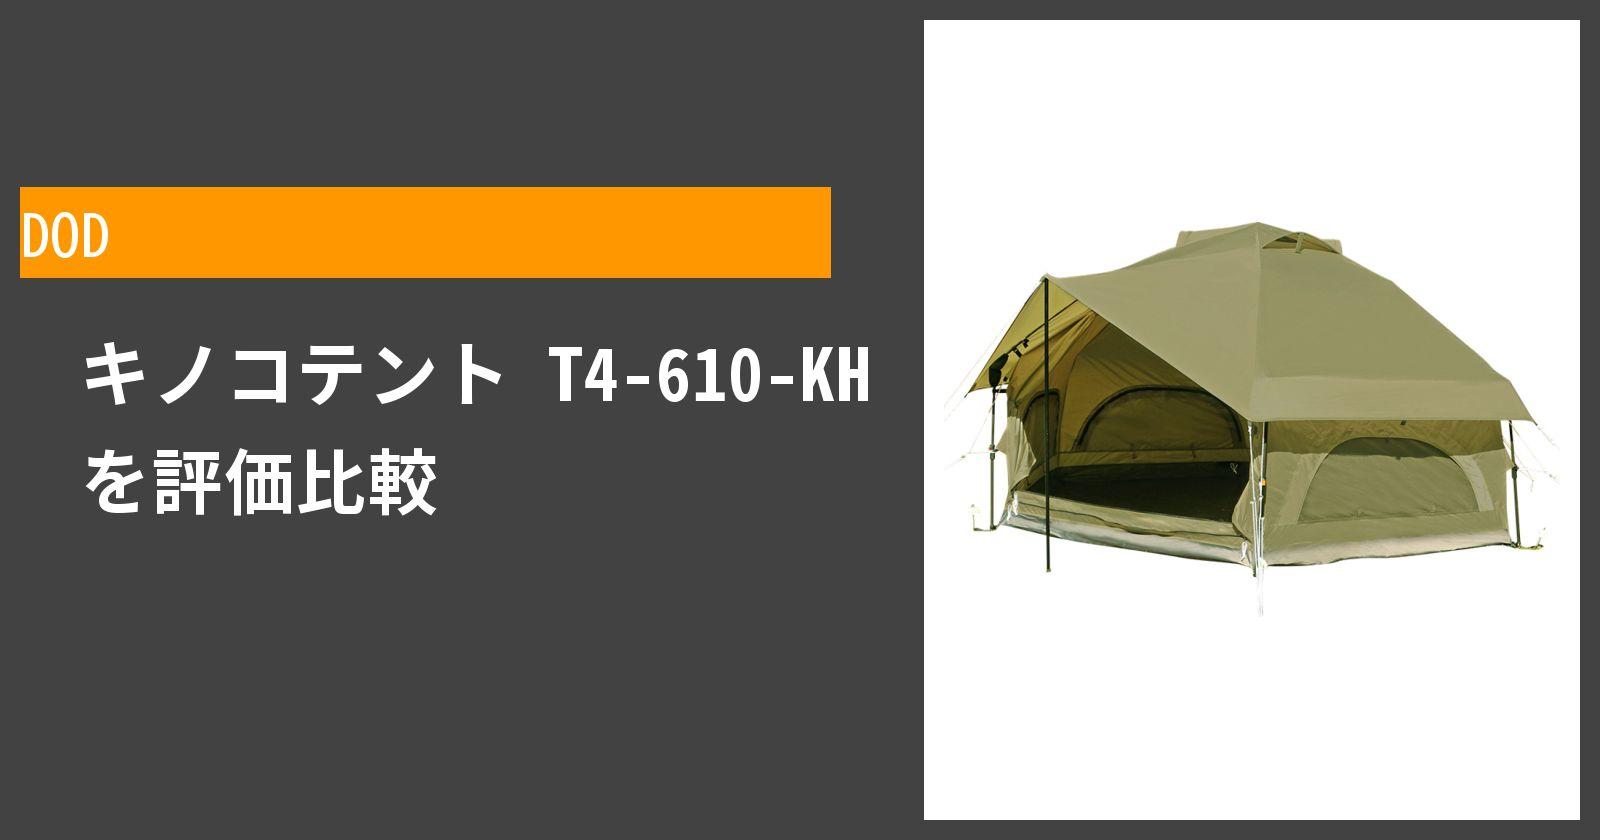 キノコテント T4-610-KHを徹底評価